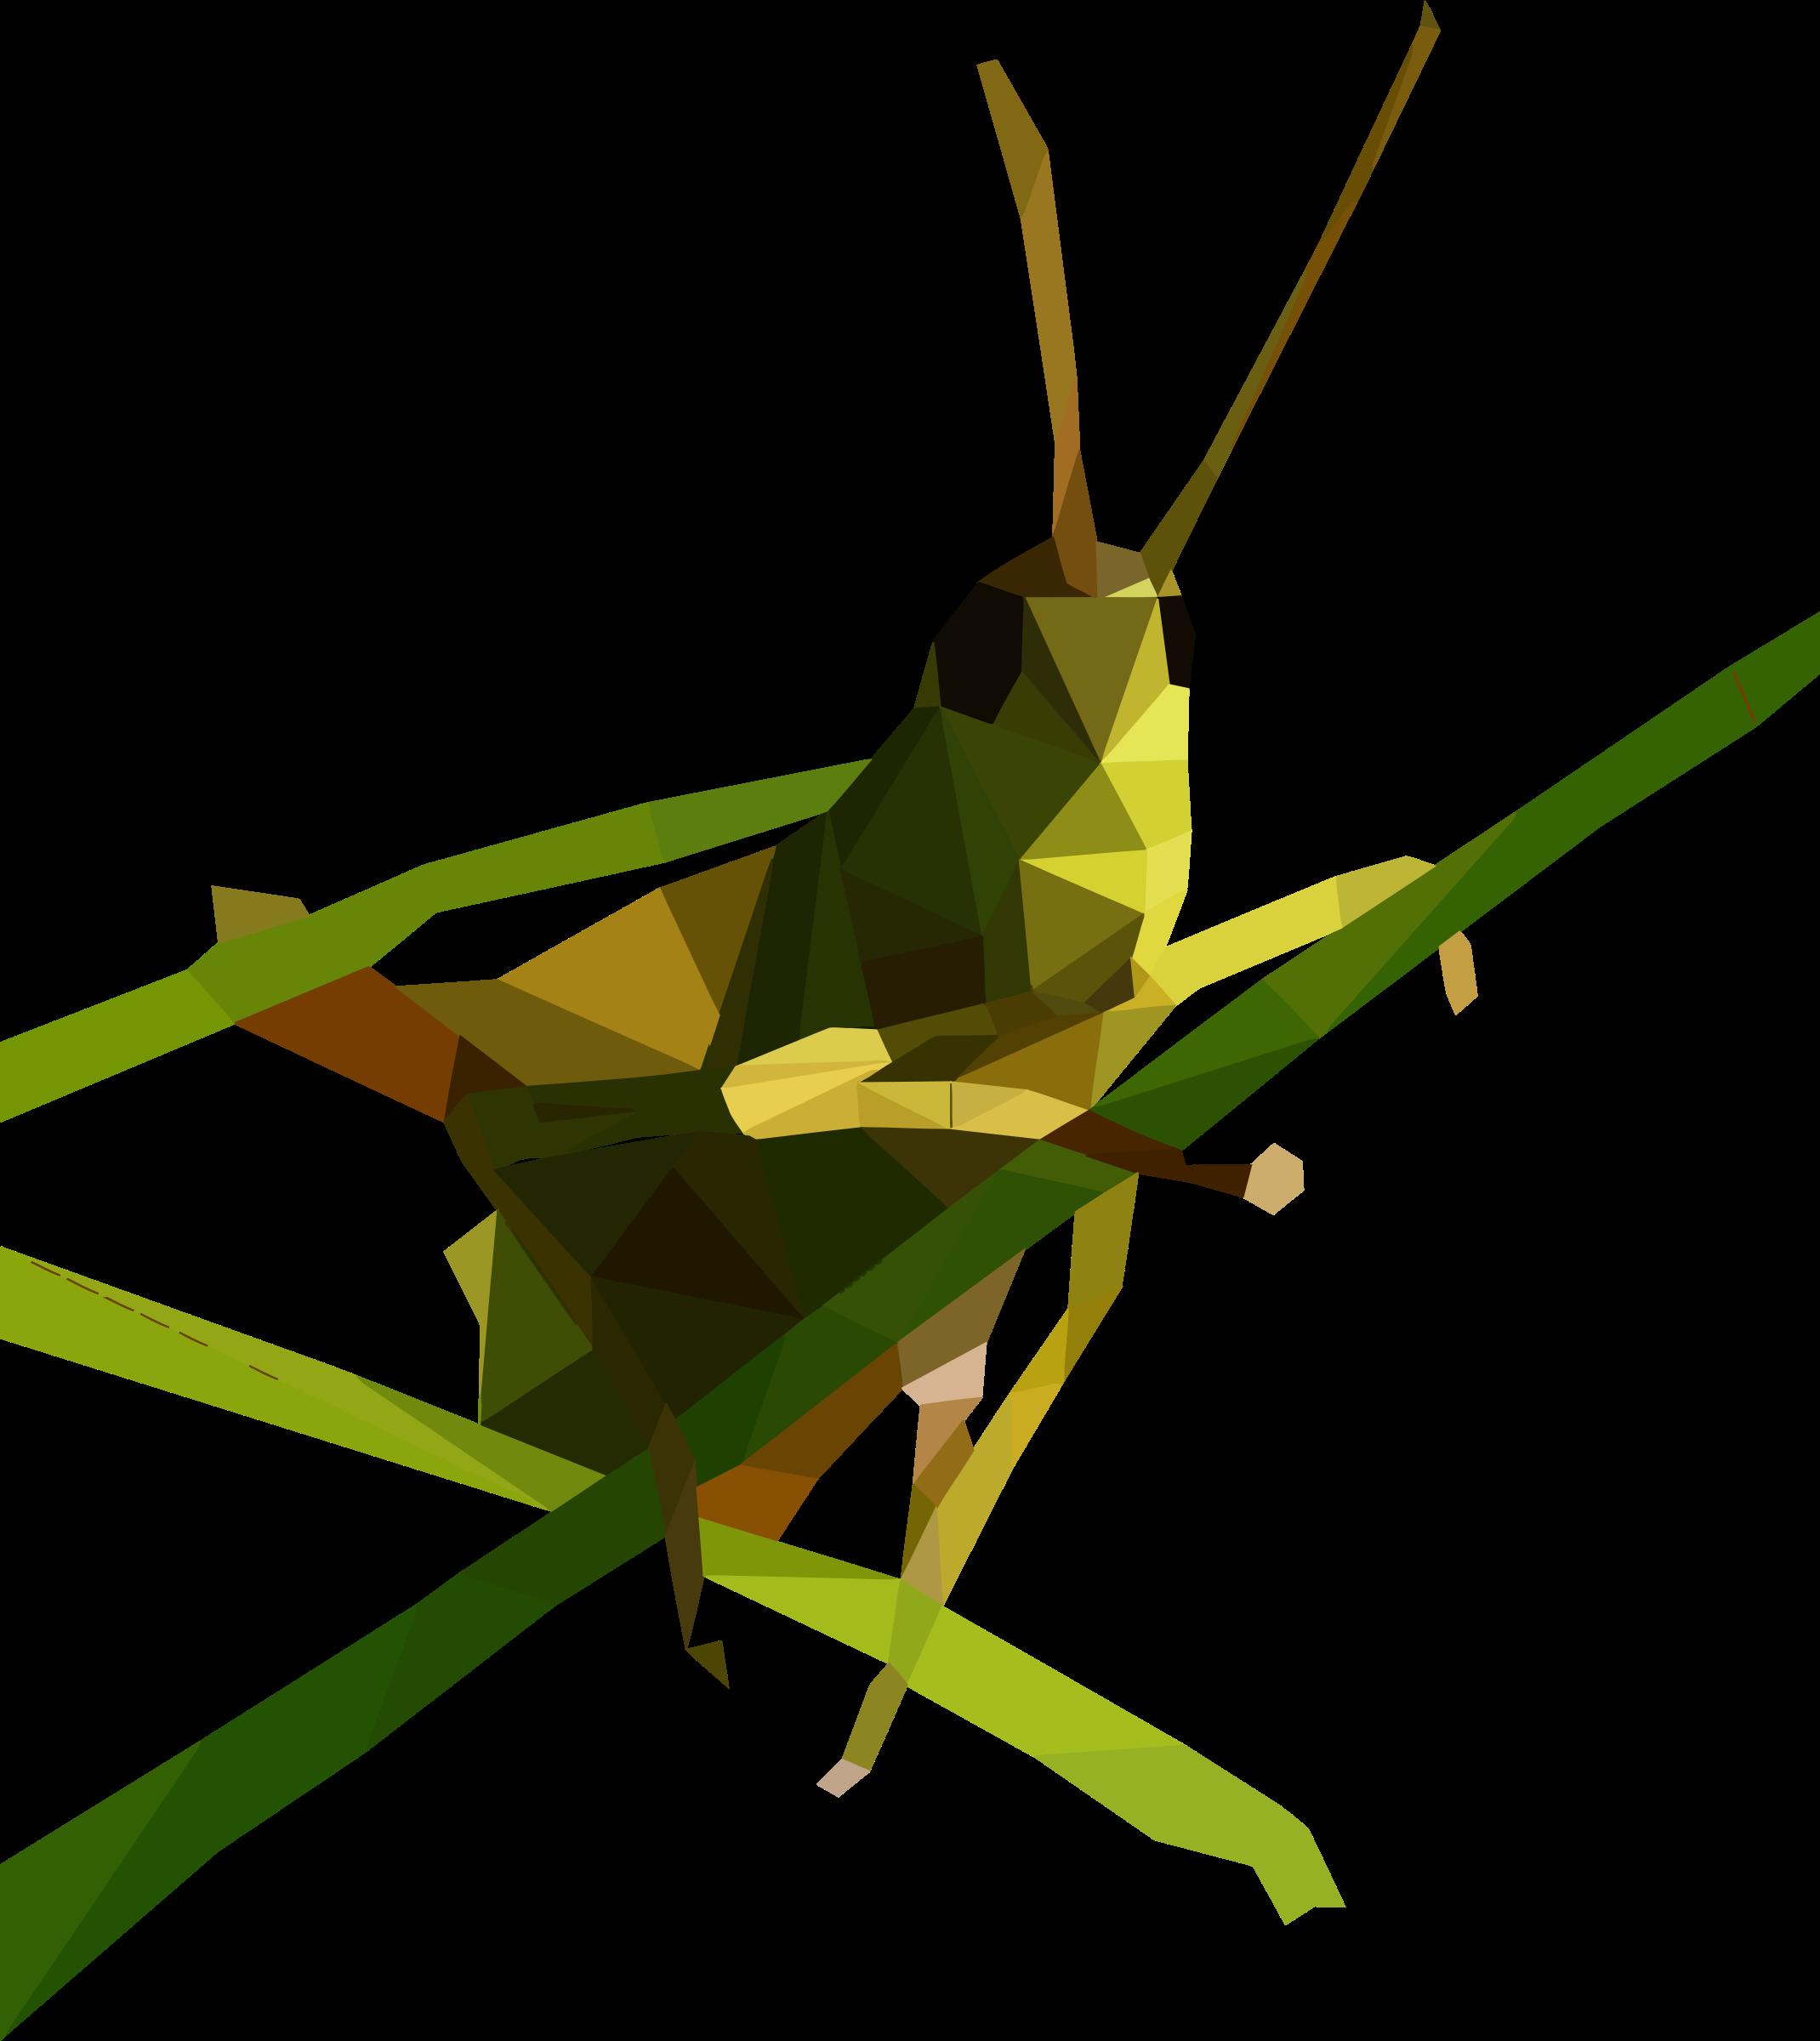 Grasshopper PNG Image